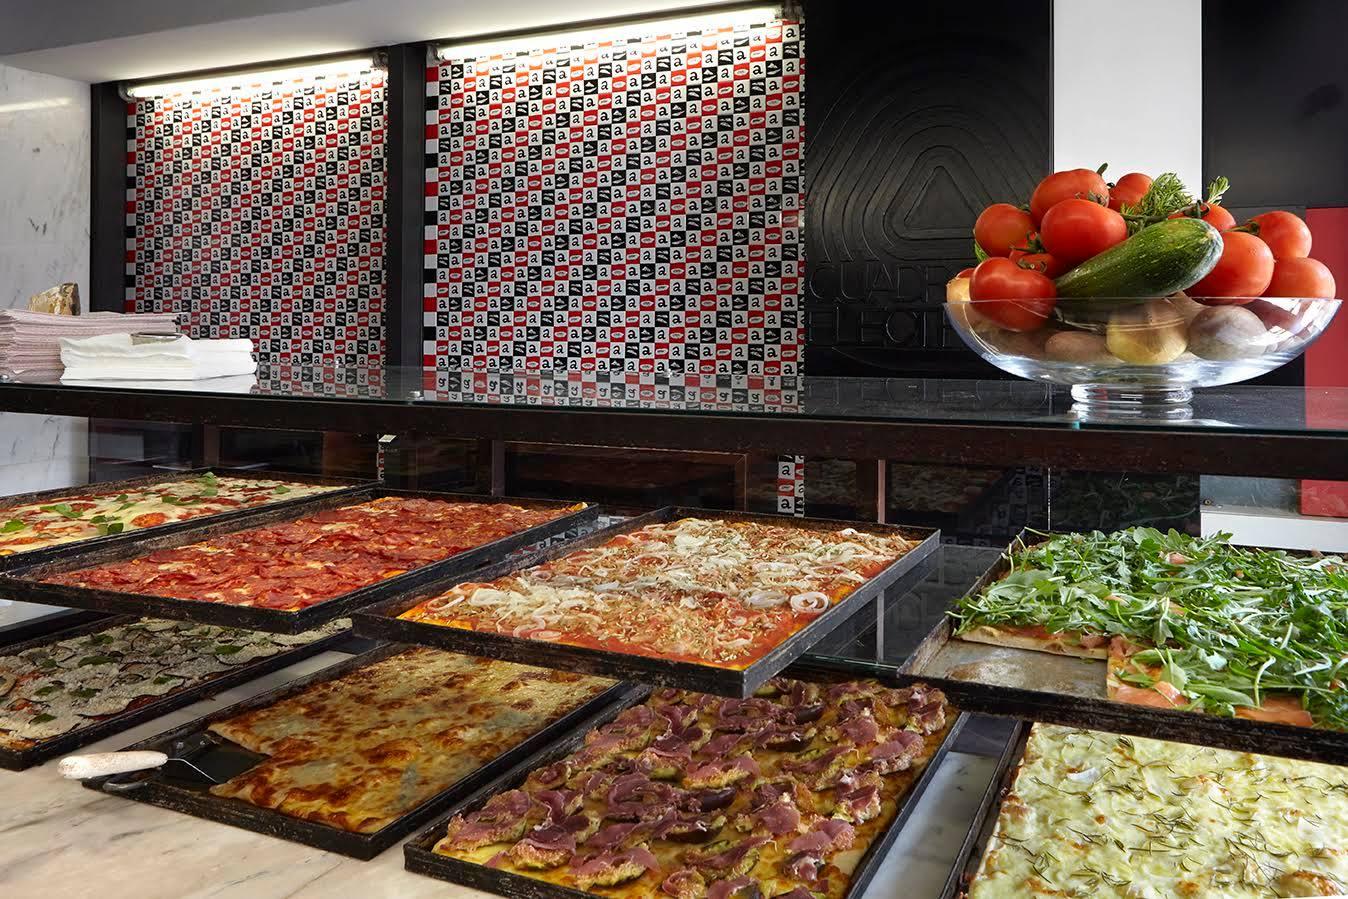 Pizza a Pezzi - Pizzas au poids - Street Food - Lisbonne - Principe Real